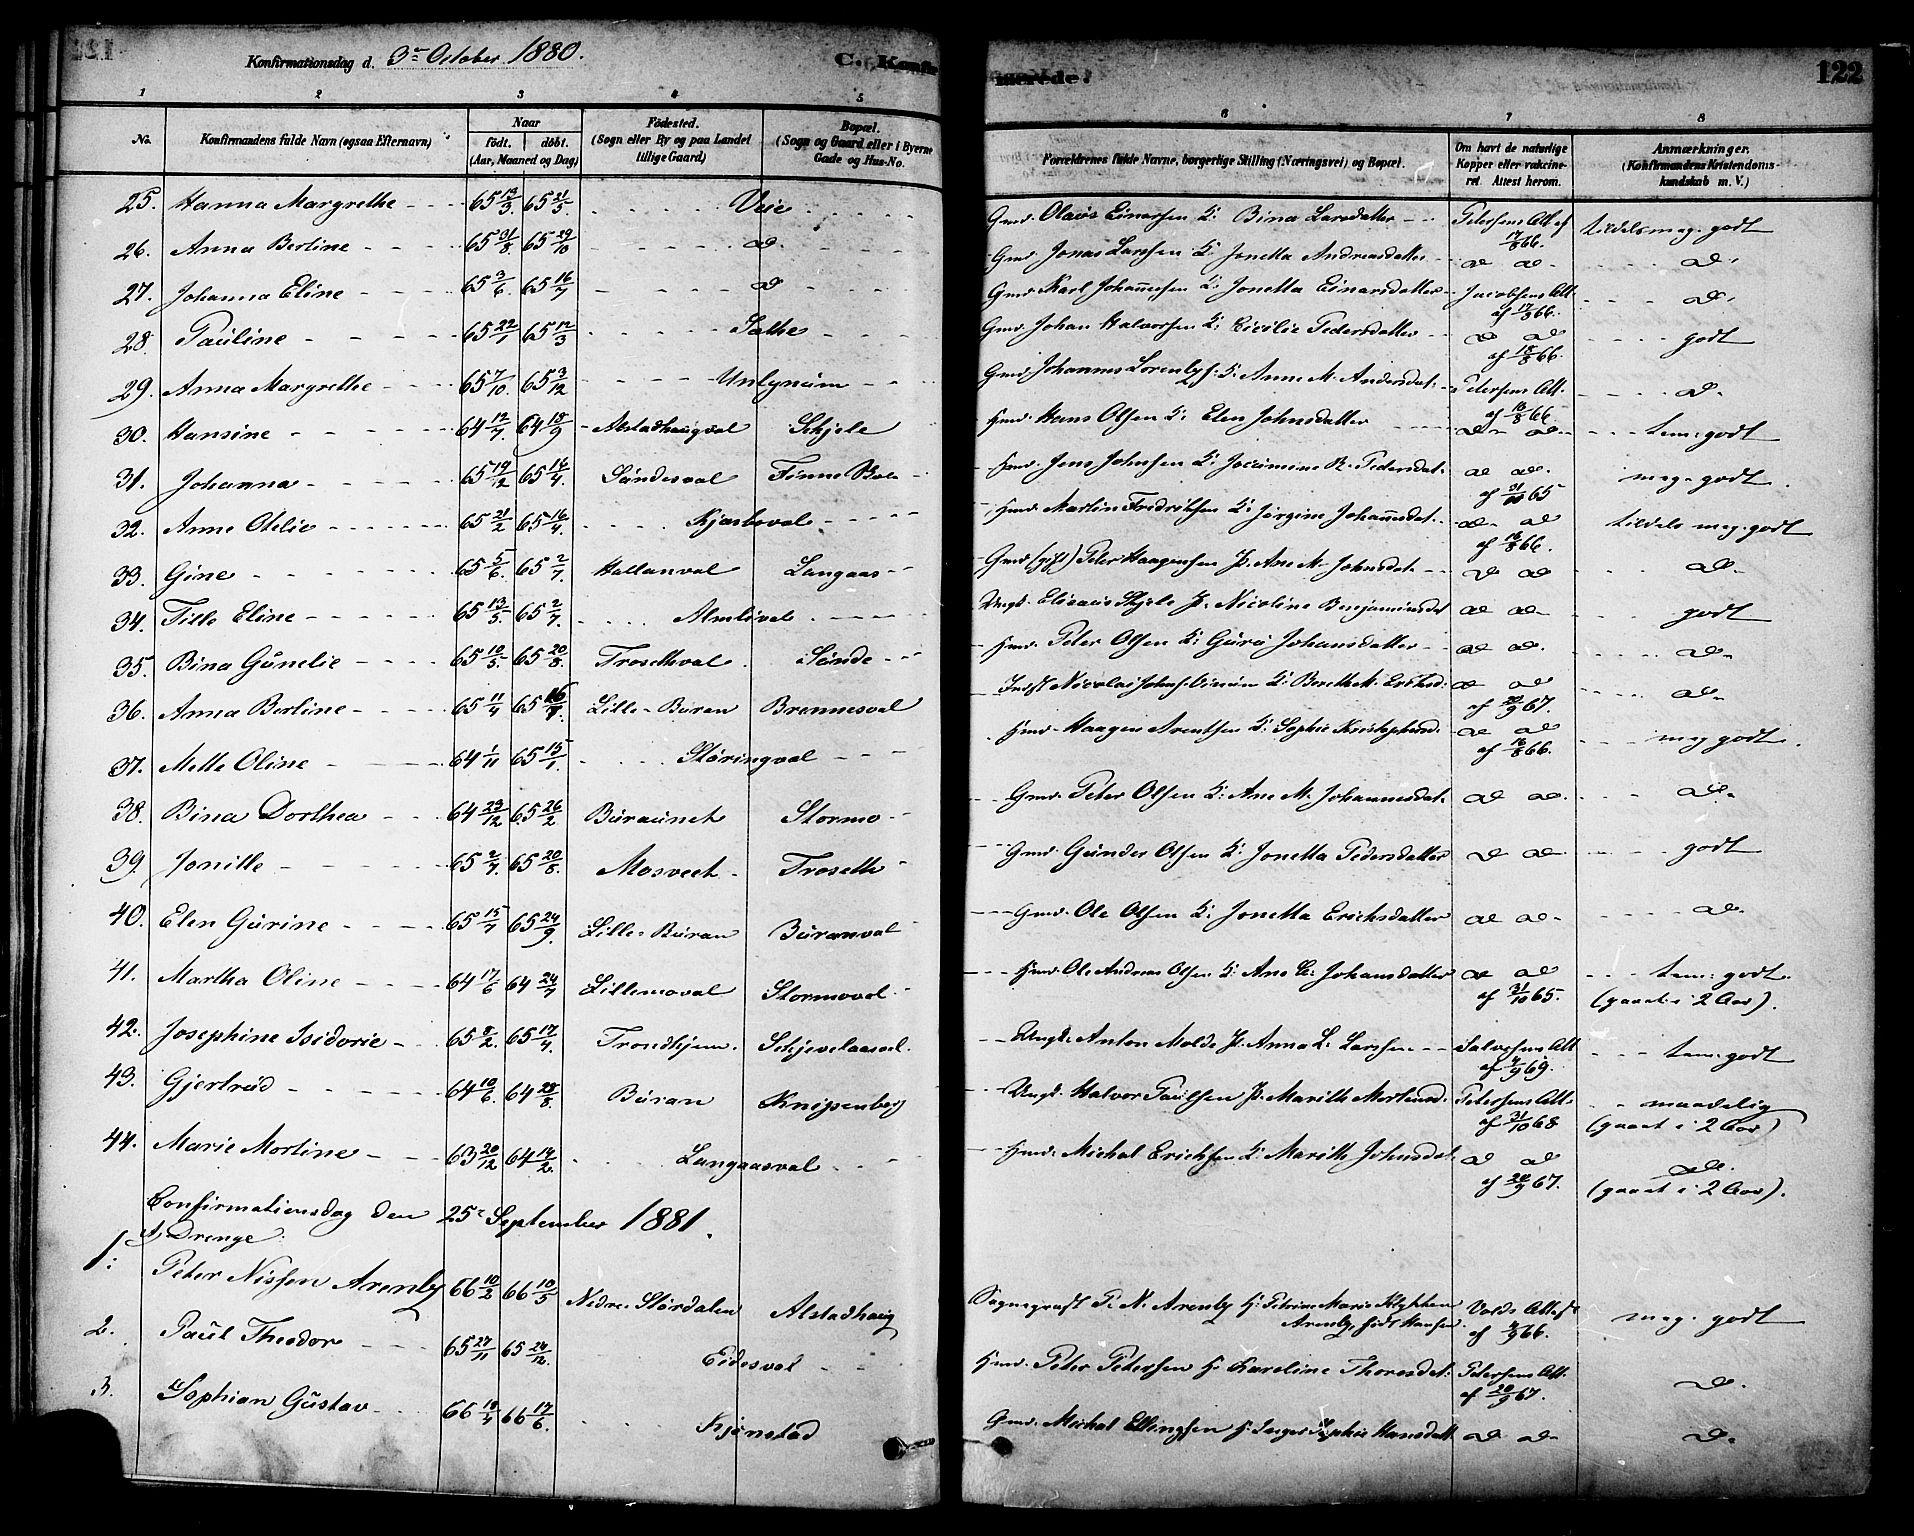 SAT, Ministerialprotokoller, klokkerbøker og fødselsregistre - Nord-Trøndelag, 717/L0159: Ministerialbok nr. 717A09, 1878-1898, s. 122